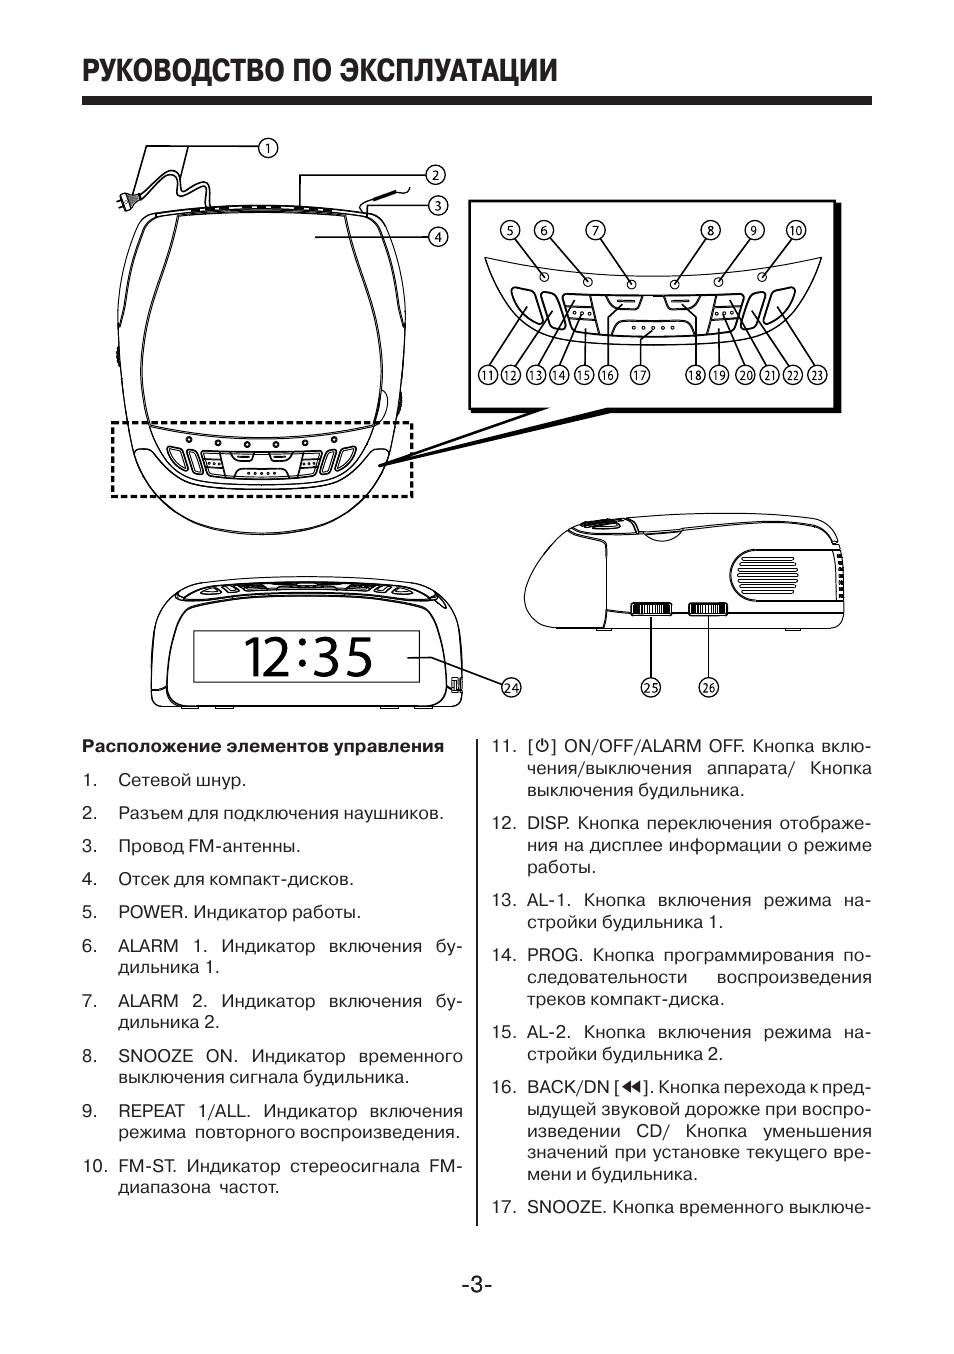 Поиск инструкции к часам casio по названию модуля.